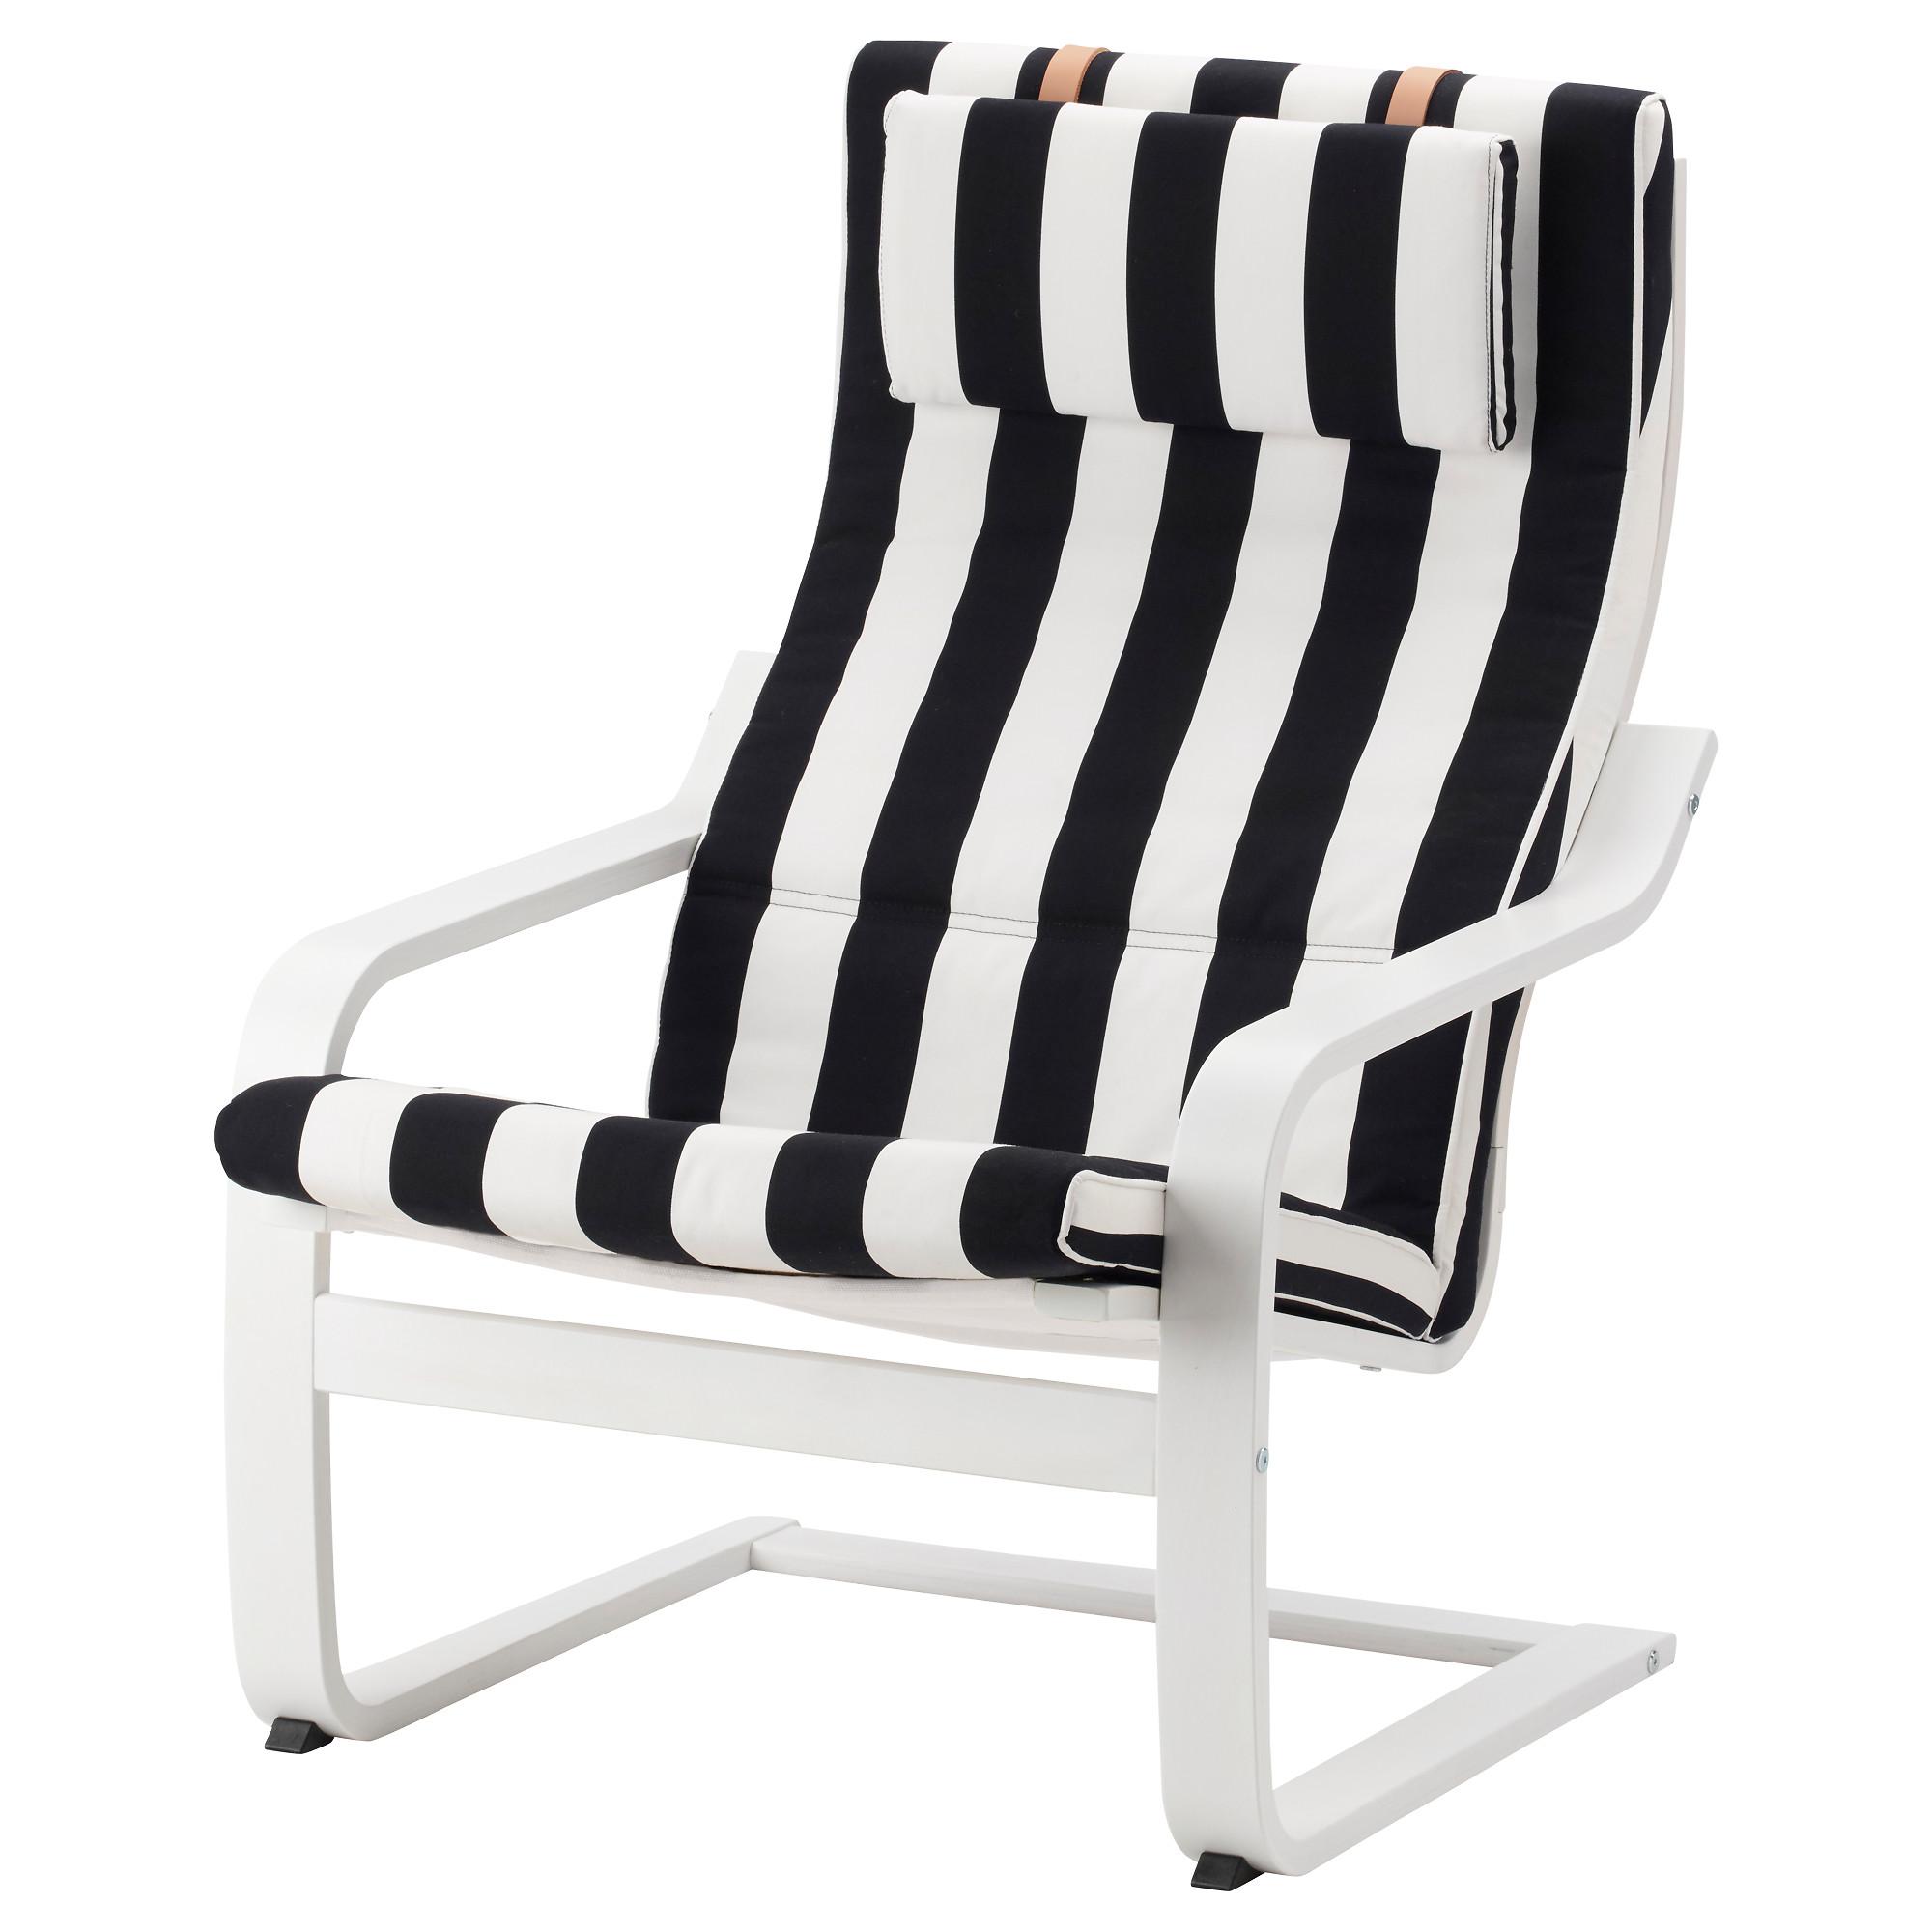 Кресло ПОЭНГ черный/белый артикуль № 692.515.57 в наличии. Интернет магазин ИКЕА РБ. Быстрая доставка и соборка.